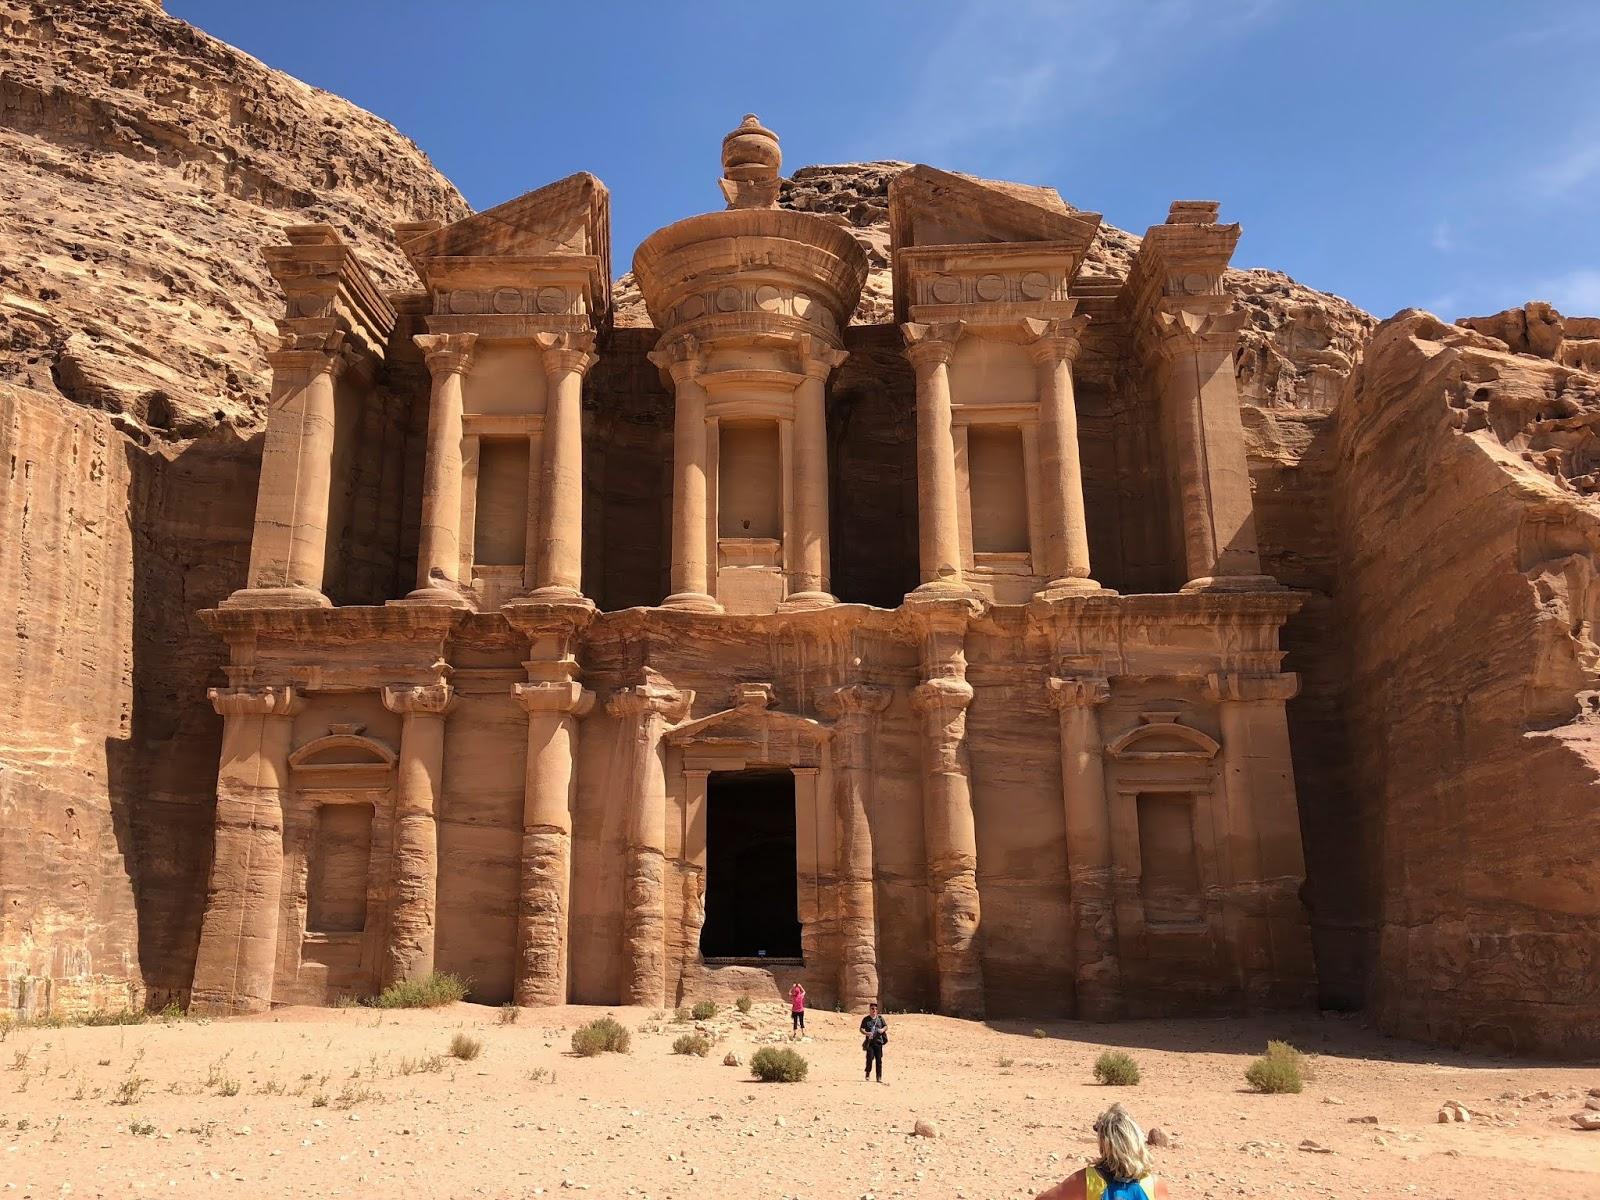 petra-kota batu di yordania